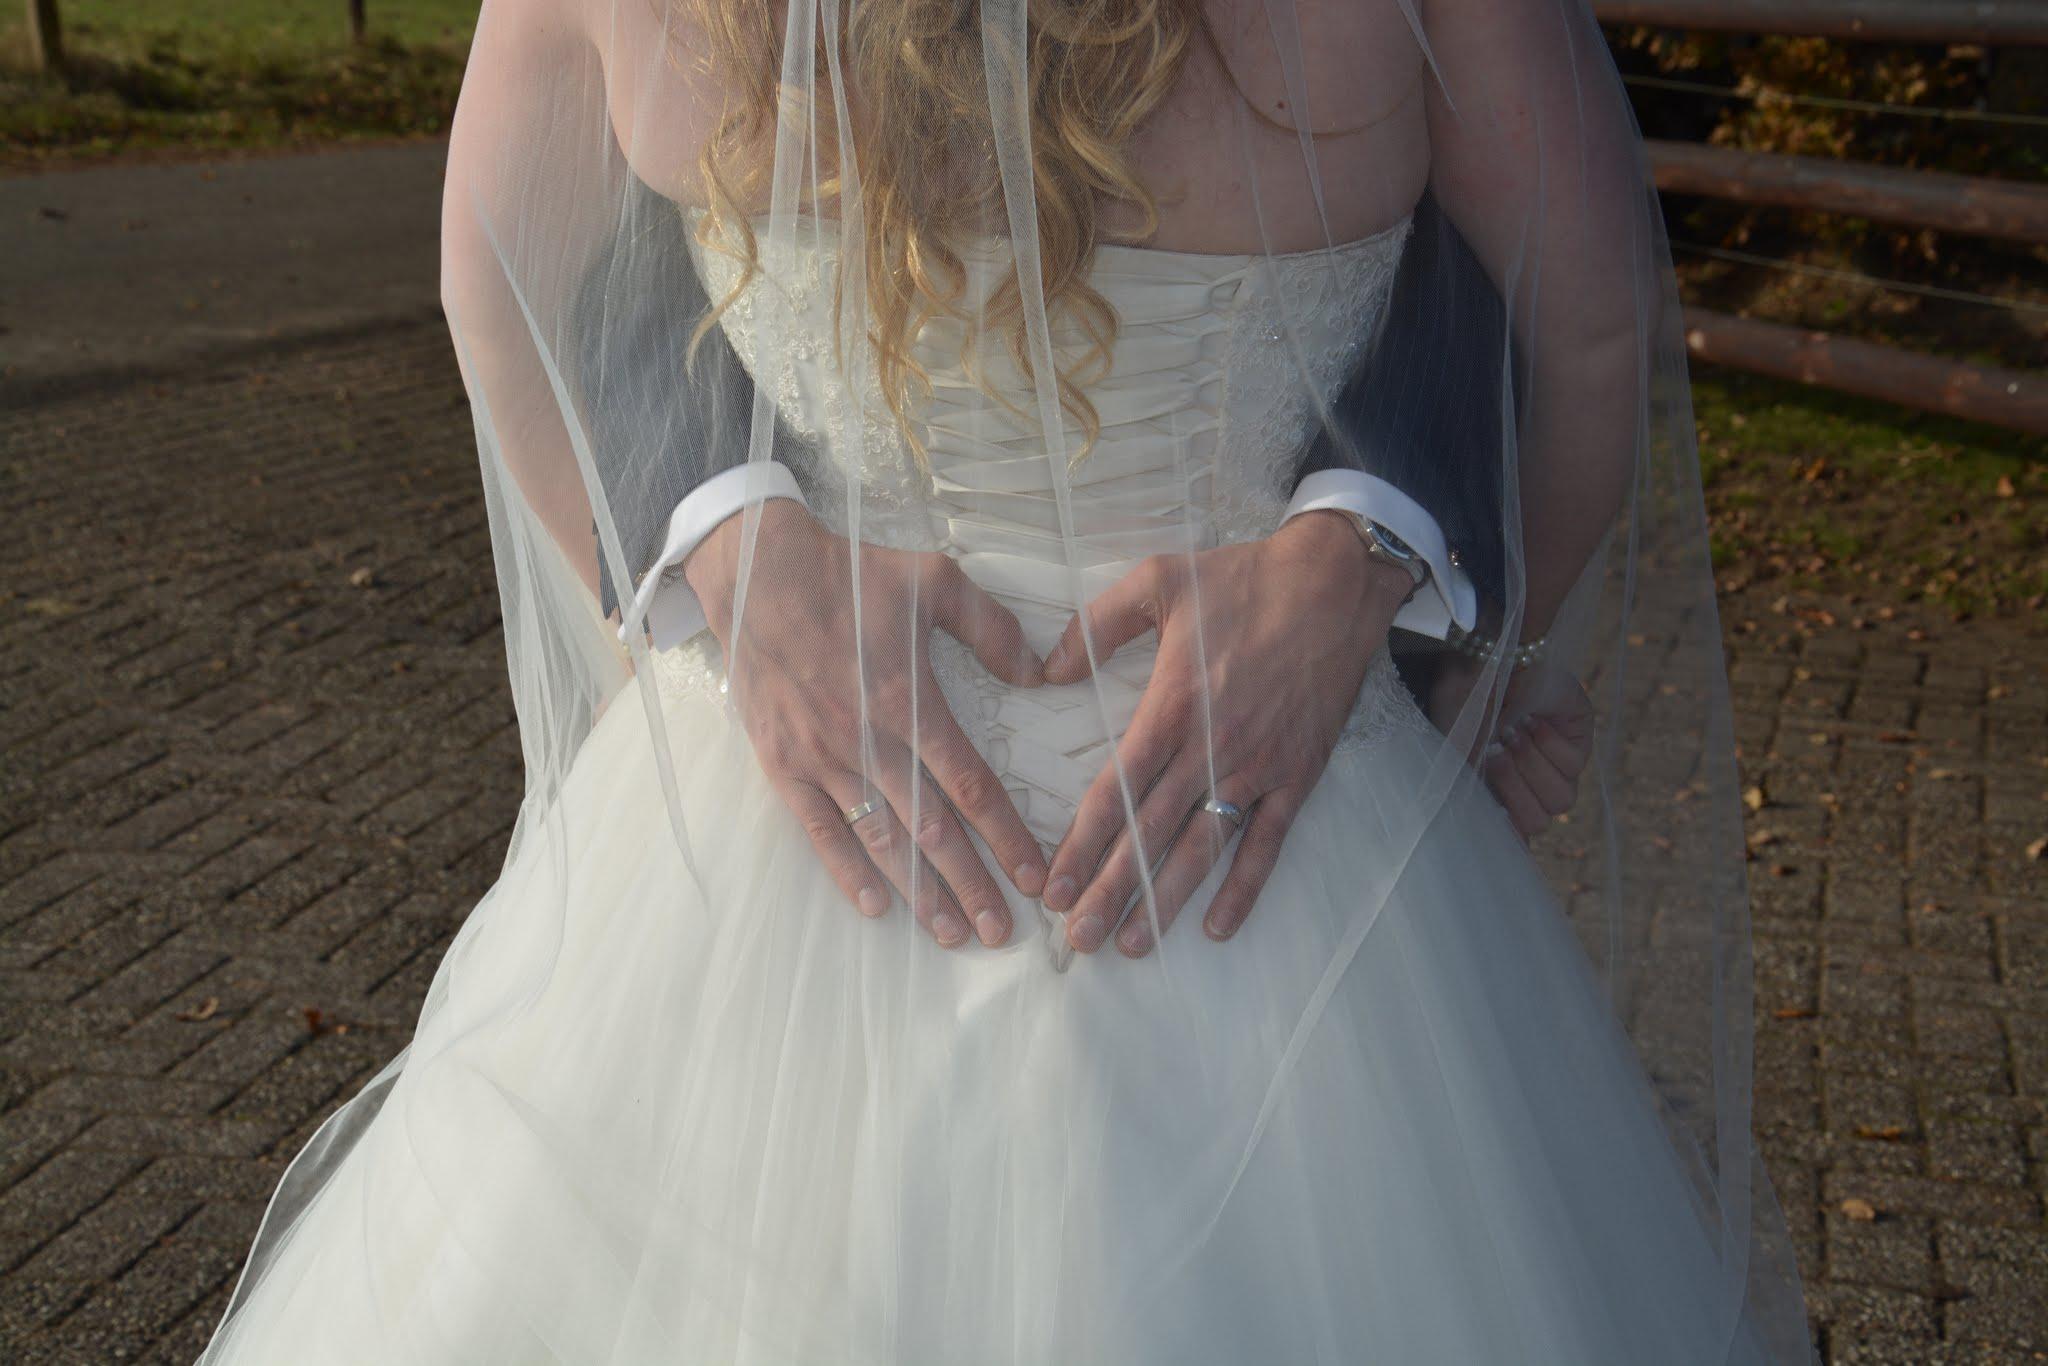 Wat fout kan gaan op je bruiloft